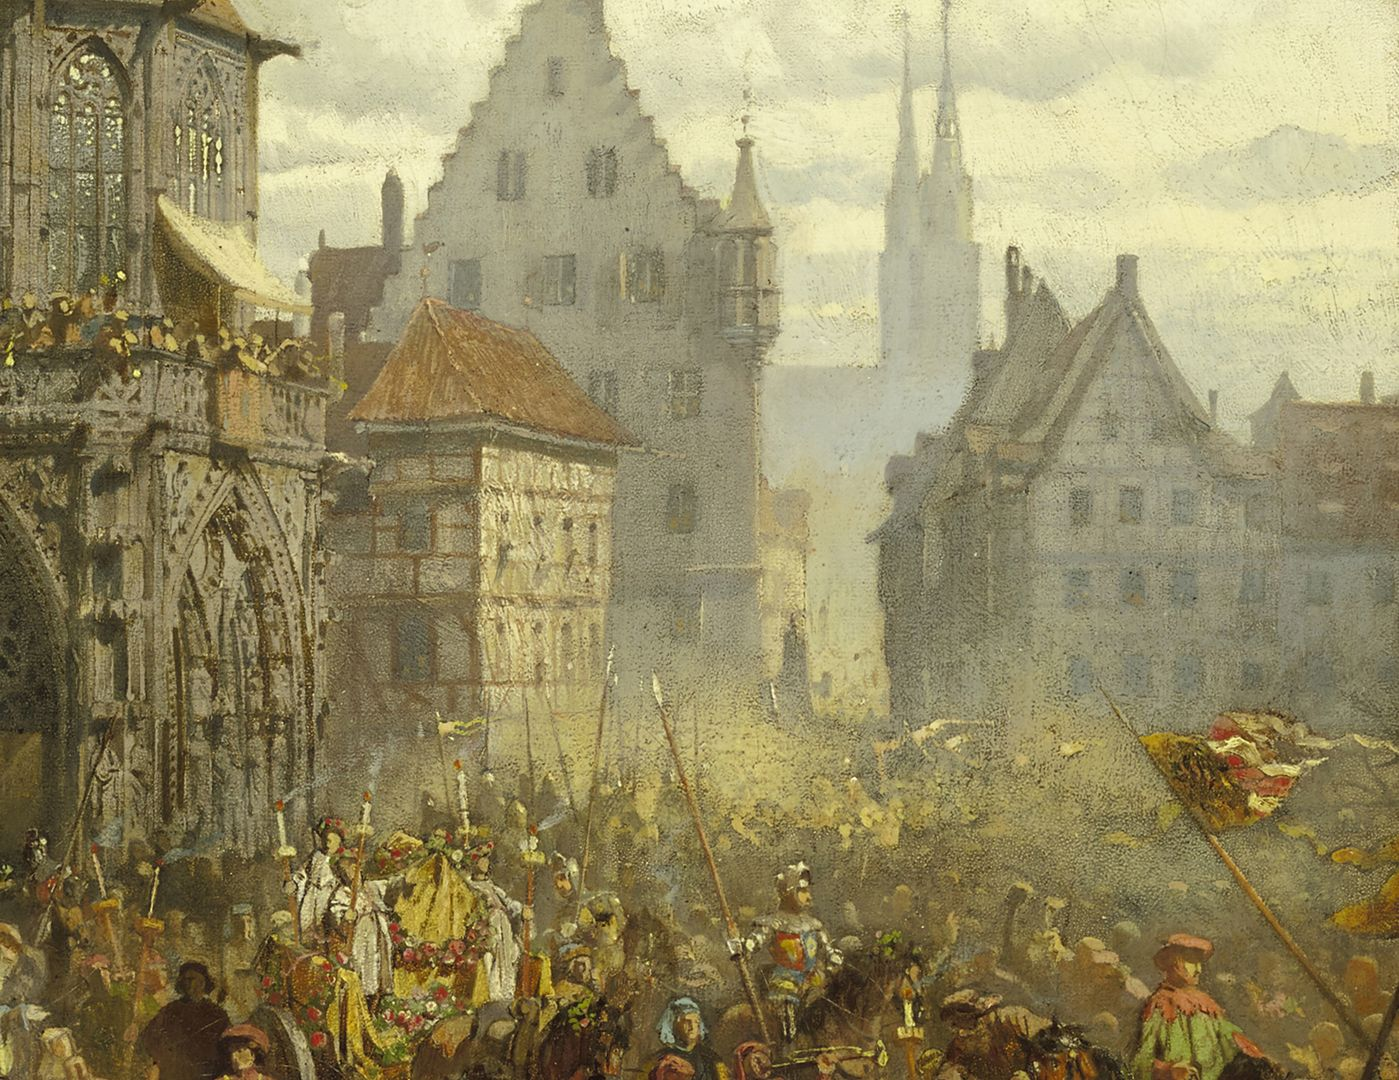 Die Einbringung der Reichskleinodien 1424 (Entwurf) Bildmitte, Ausschnitt